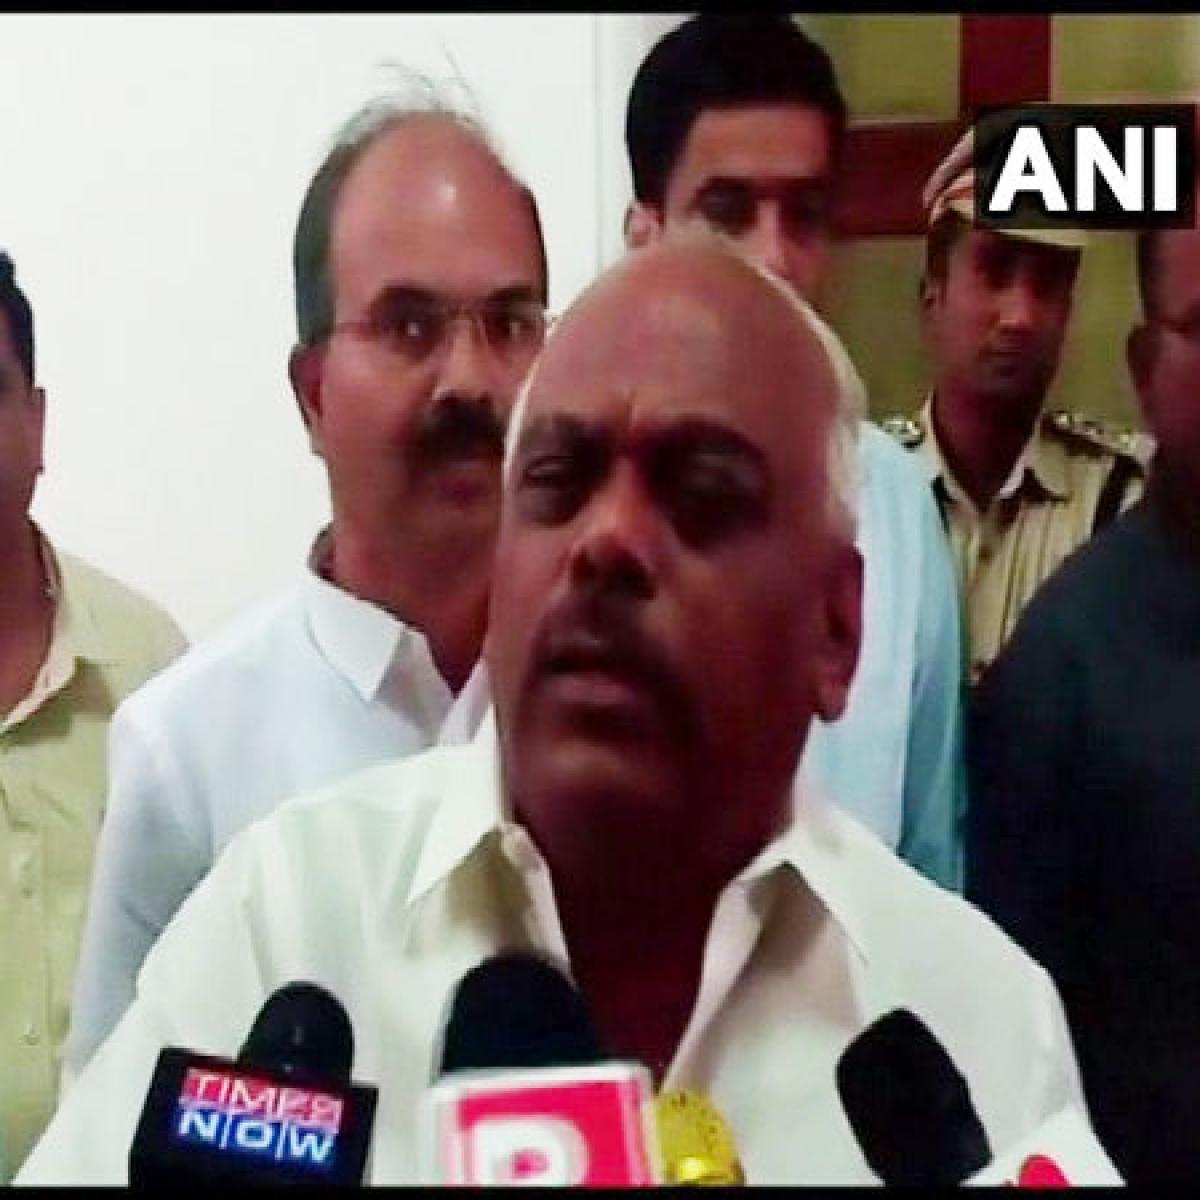 Karnataka crisis: SC allows 10 rebel MLAs to meet Speaker, asks him to take decision during the day